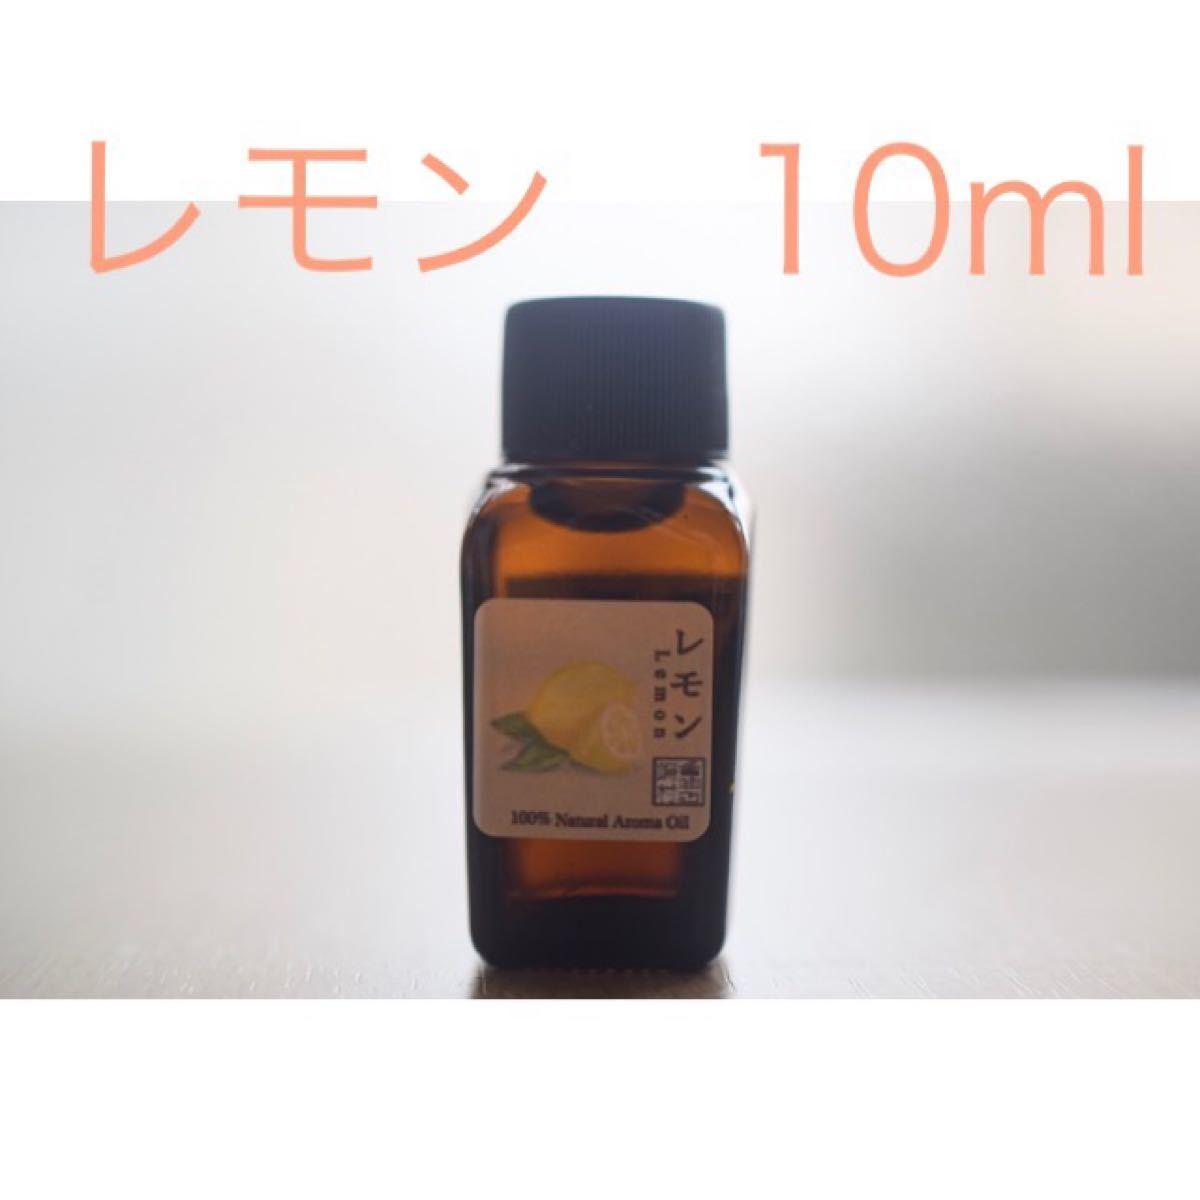 レモン 10ml アロマ用精油 エッセンシャルオイル